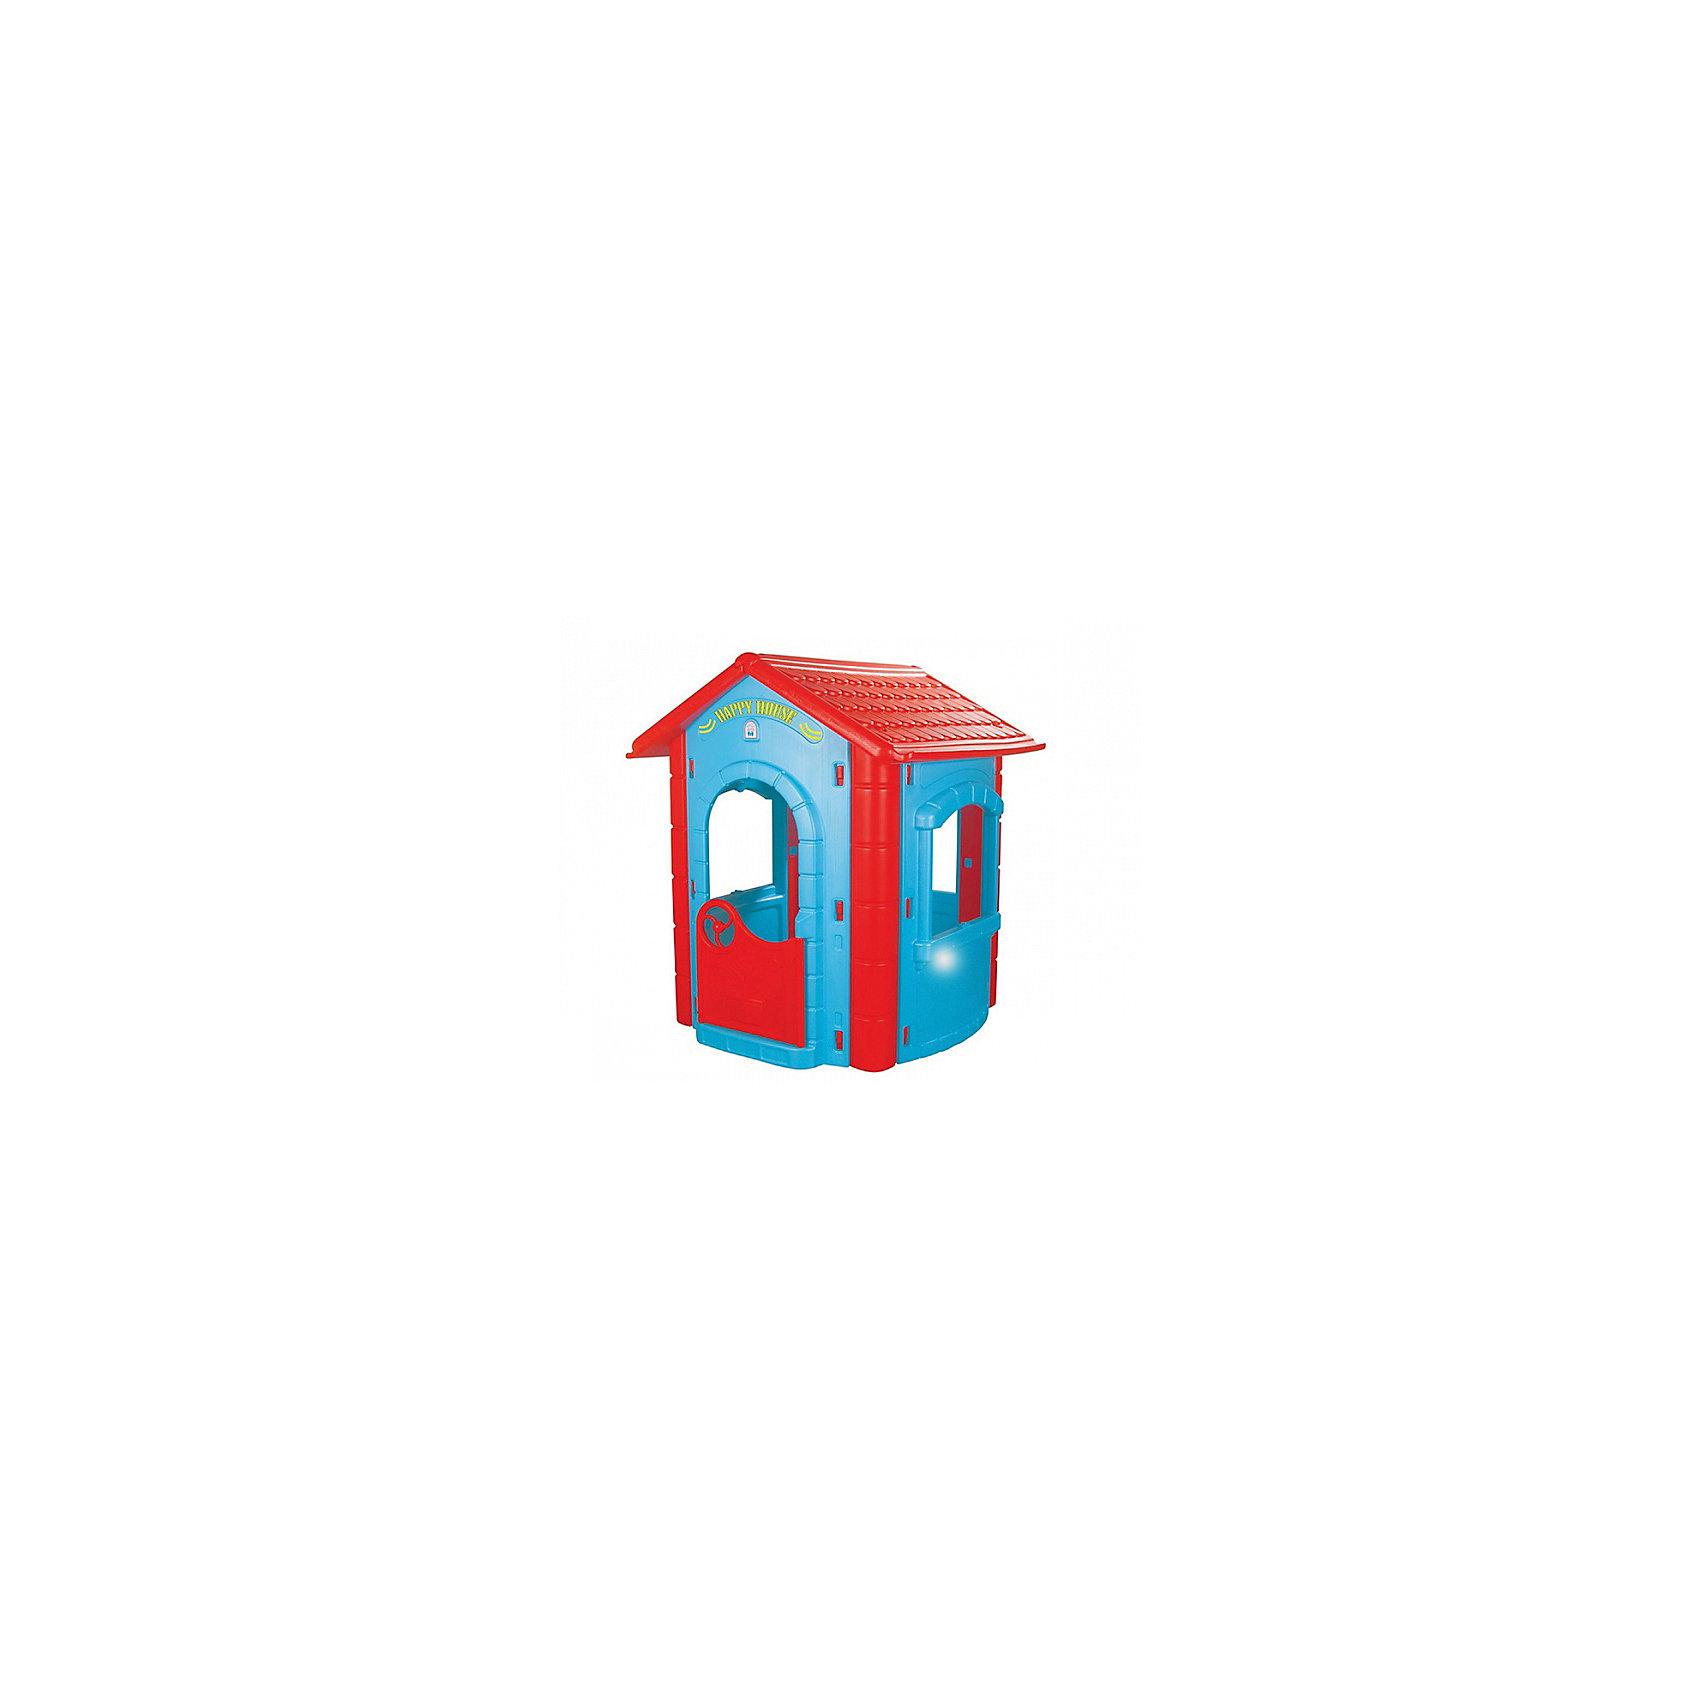 Домик игровой HAPPY HOUSE, PILSANДомики и мебель<br>Характеристики товара:<br><br>• цвет: голубой, красный<br>• возраст: с 2 лет<br>• прочная конструкция<br>• привлекательный дизайн<br>• безопасные материалы<br>• вместительное внутреннее пространство<br>• материал: пластик<br>• размер: 112х104,5х131 см<br>• размер упаковки: 70х130х45 см<br>• вес: 22,5 кг<br><br>Дом HAPPY HOUSE подарит малышу хорошее настроение и увлекательную игру. В игровой домик ребенок сможет пригласить своих друзей и угостить их вкусным чаем. <br><br>Игра с домиком способствует развитию социально-коммуникативных связей. <br><br>Домик можно установить на игровой площадке или в детской комнате. <br><br>Яркая расцветка домика привлечет внимание и пробудит интерес к сюжетно-ролевым играм. <br><br>Домик игровой HAPPY HOUSE, PILSAN (Пилсан) можно купить в нашем интернет-магазине.<br><br>Ширина мм: 450<br>Глубина мм: 1300<br>Высота мм: 700<br>Вес г: 22500<br>Возраст от месяцев: 24<br>Возраст до месяцев: 120<br>Пол: Унисекс<br>Возраст: Детский<br>SKU: 5512014